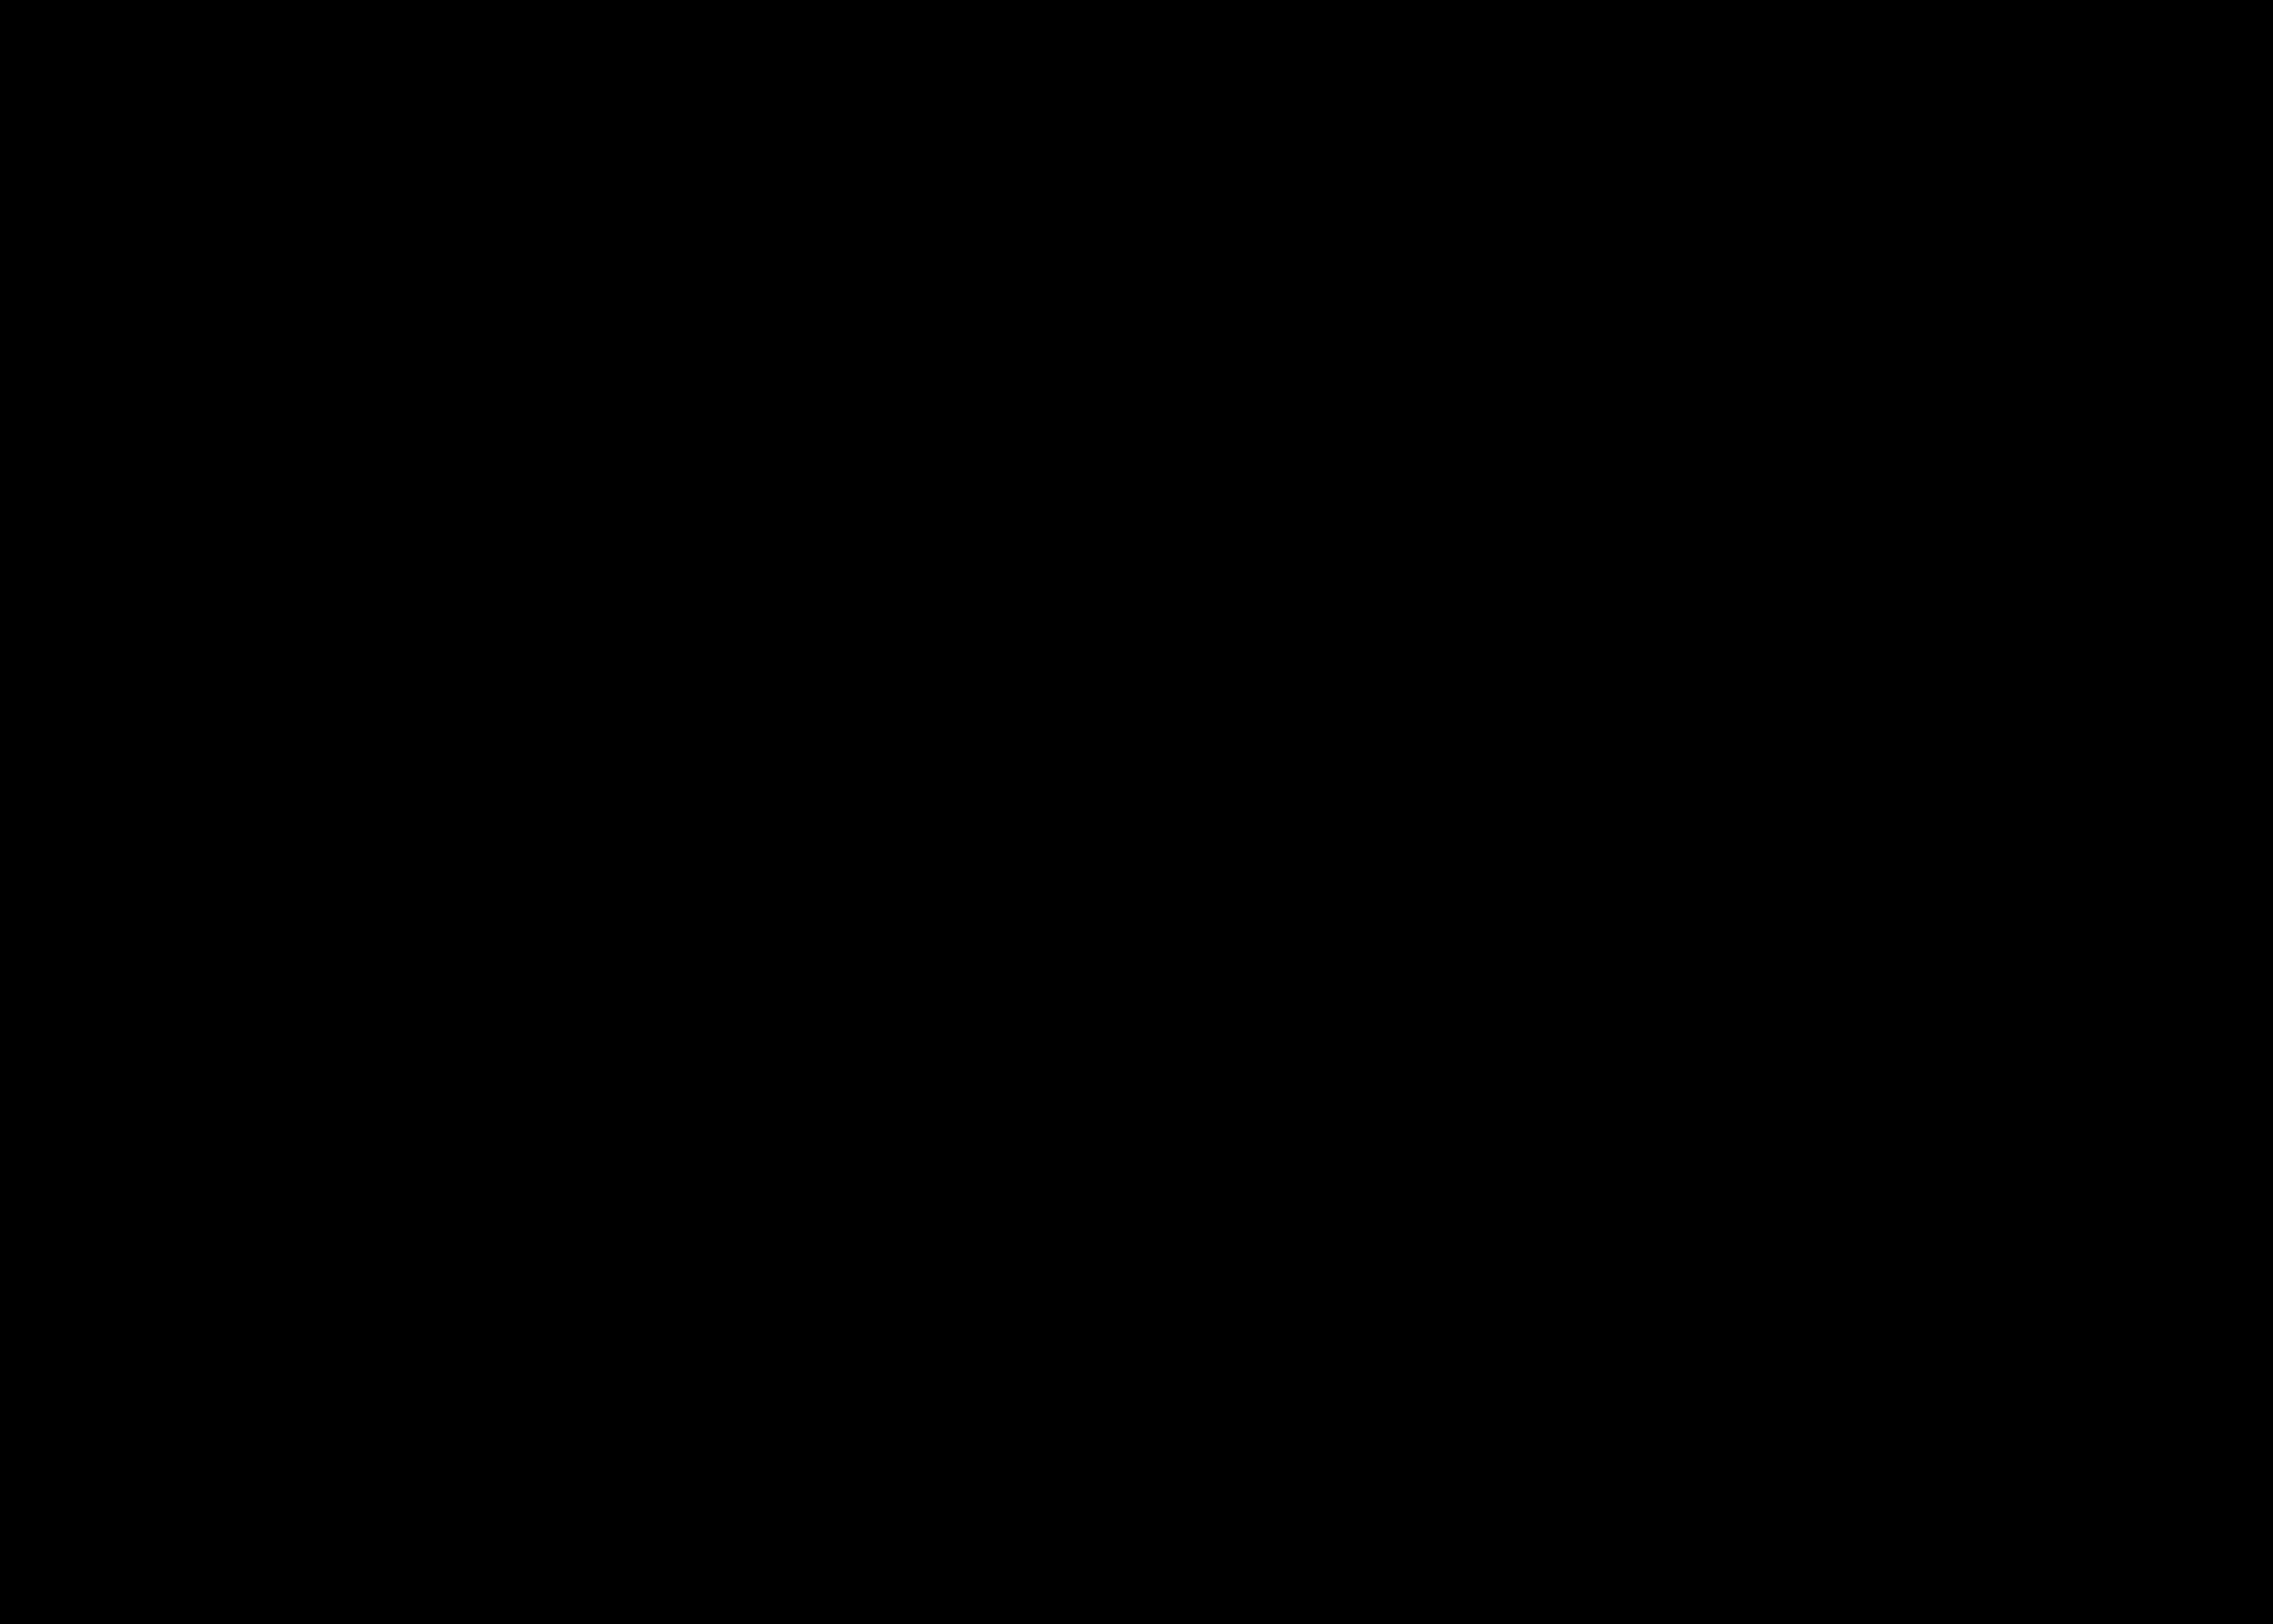 6 Grunge Brush Stroke Rectangle Frame (PNG Transparent.